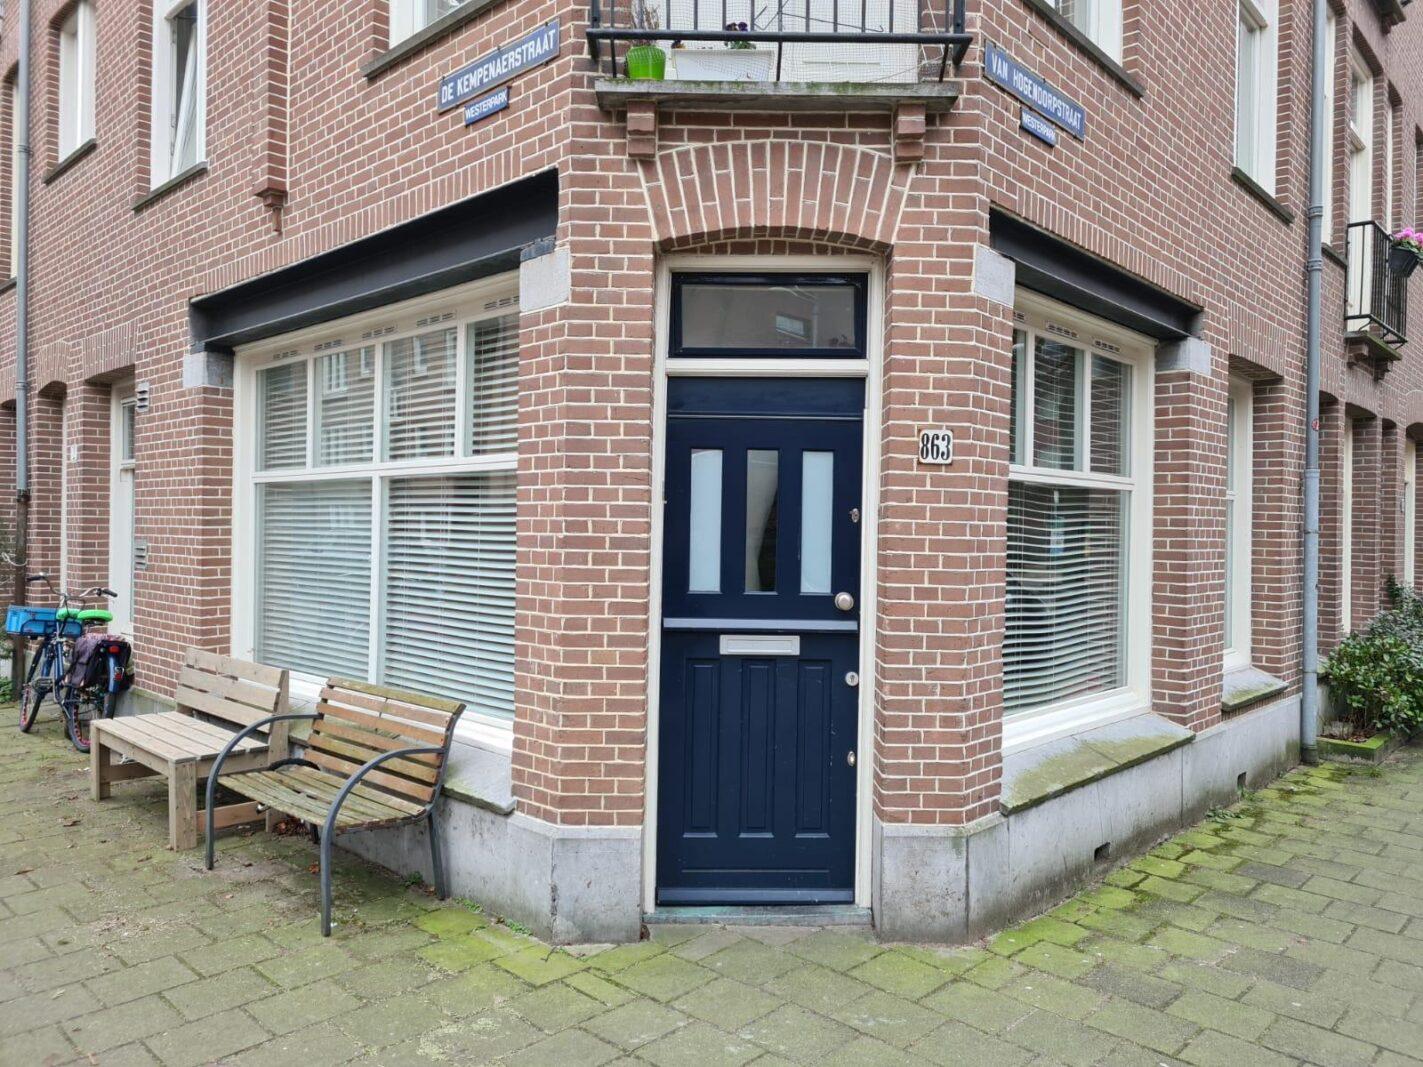 Van Hogendorpstraat 863